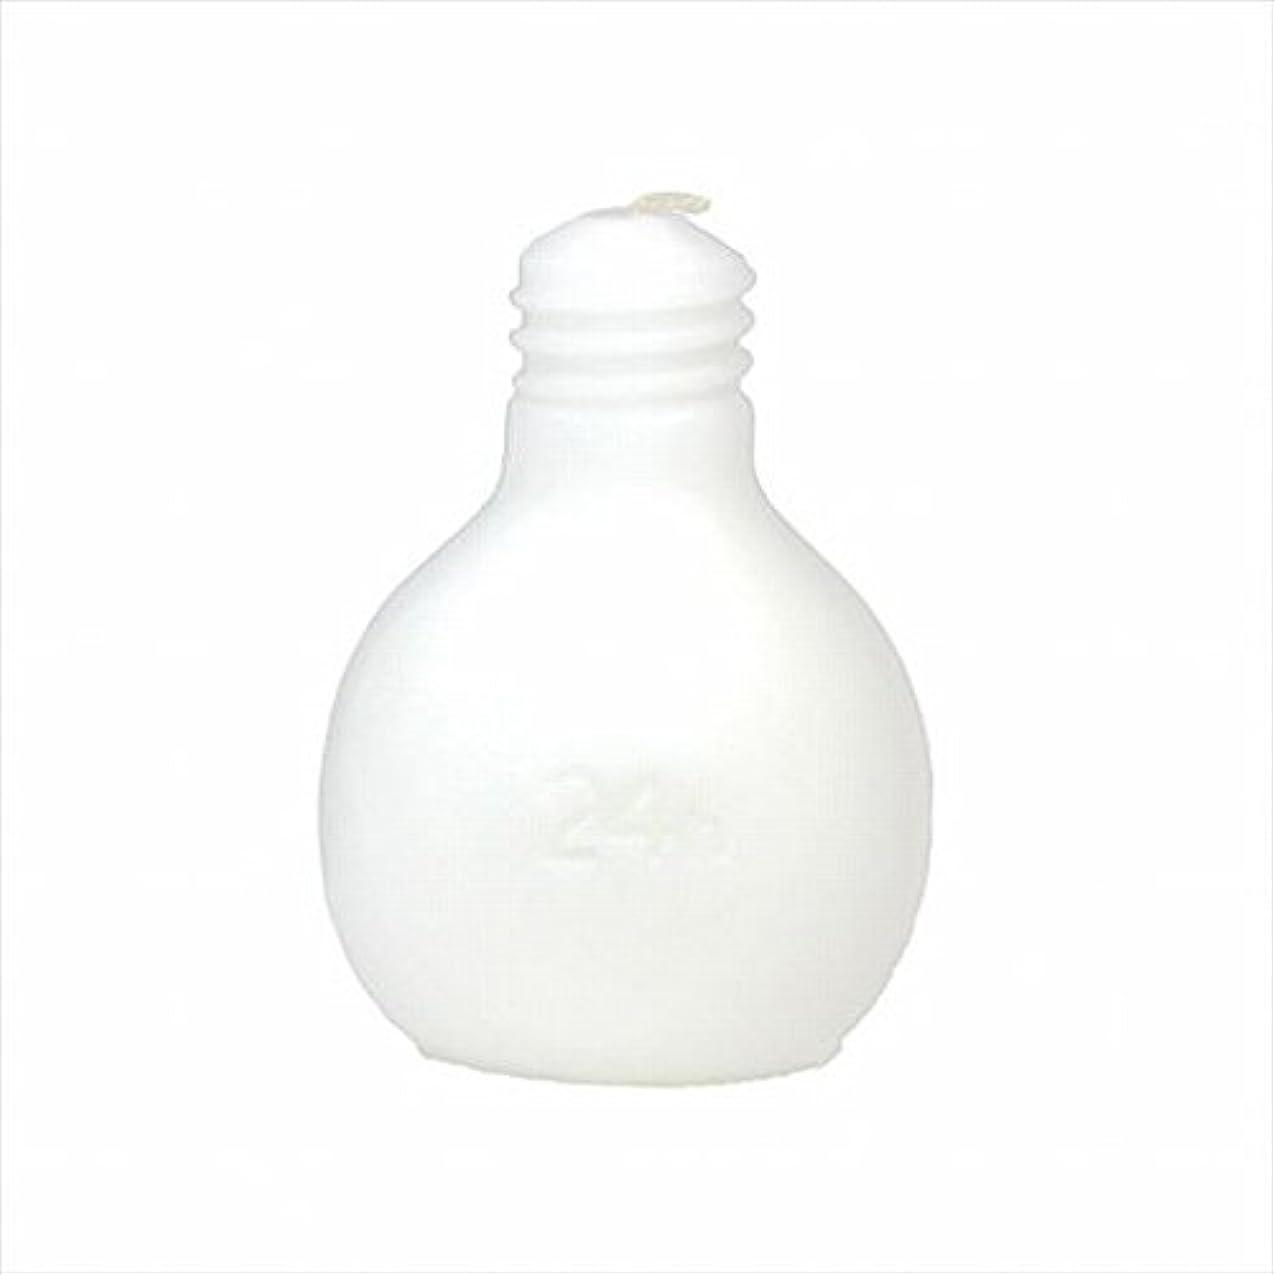 限り懲らしめリブカメヤマキャンドル(kameyama candle) 節電球キャンドル 「 ホワイト 」